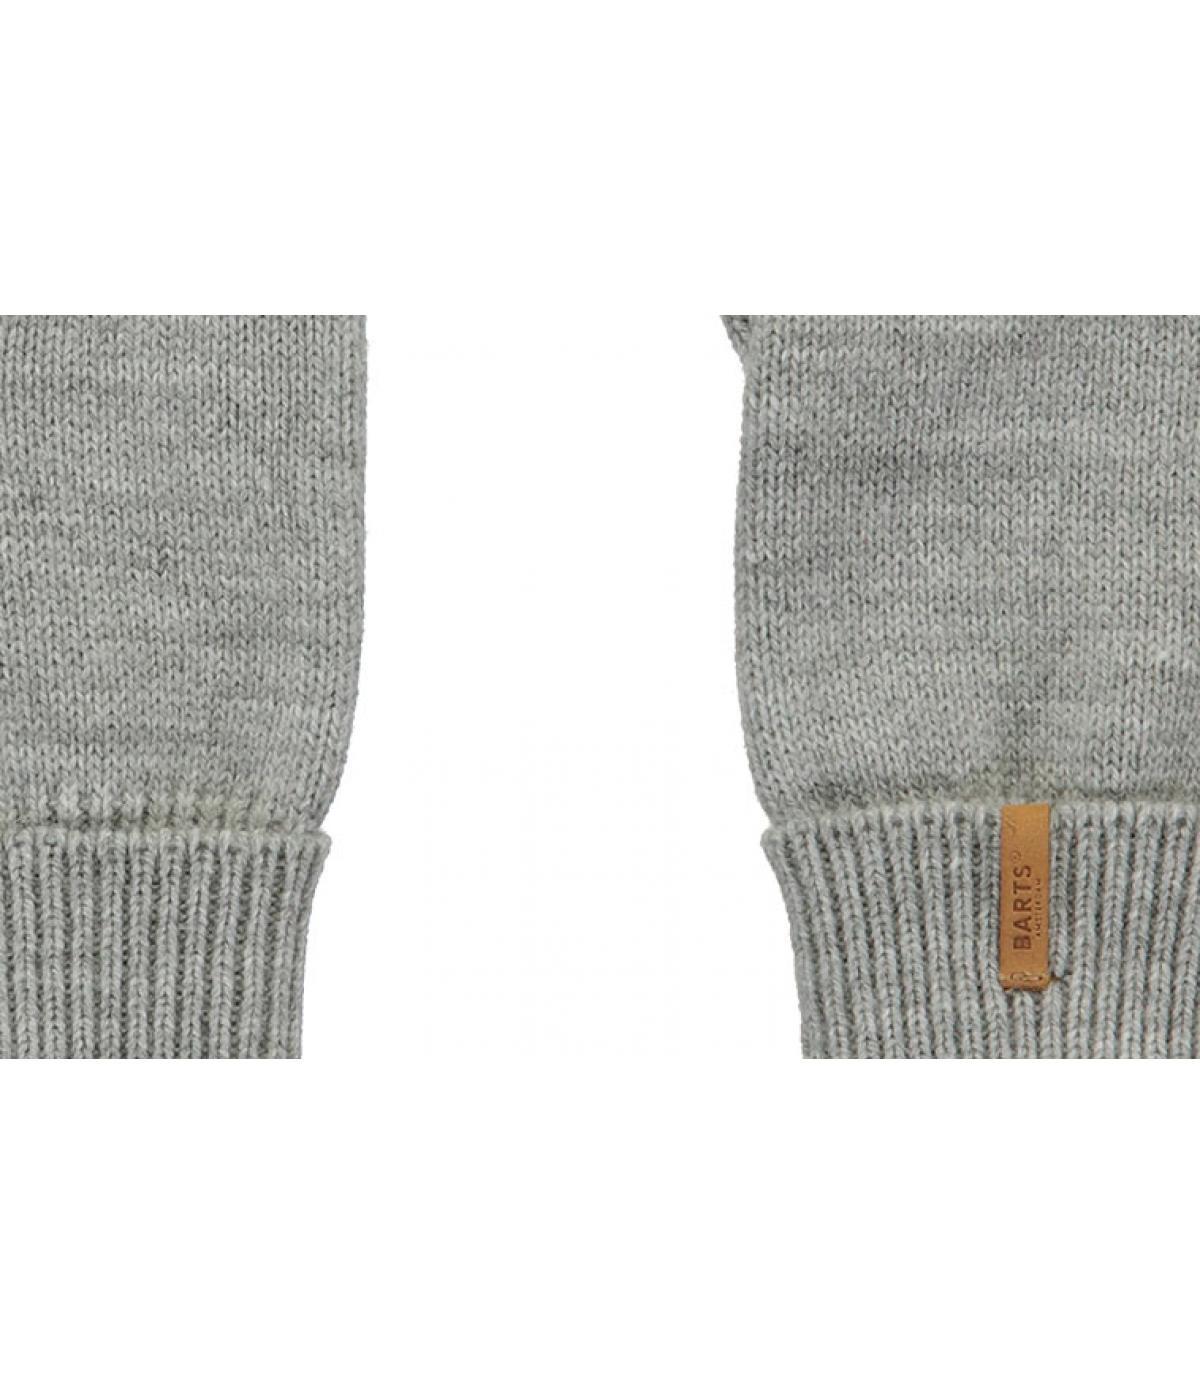 Details Fine Knitted Gloves heather grey - Abbildung 2